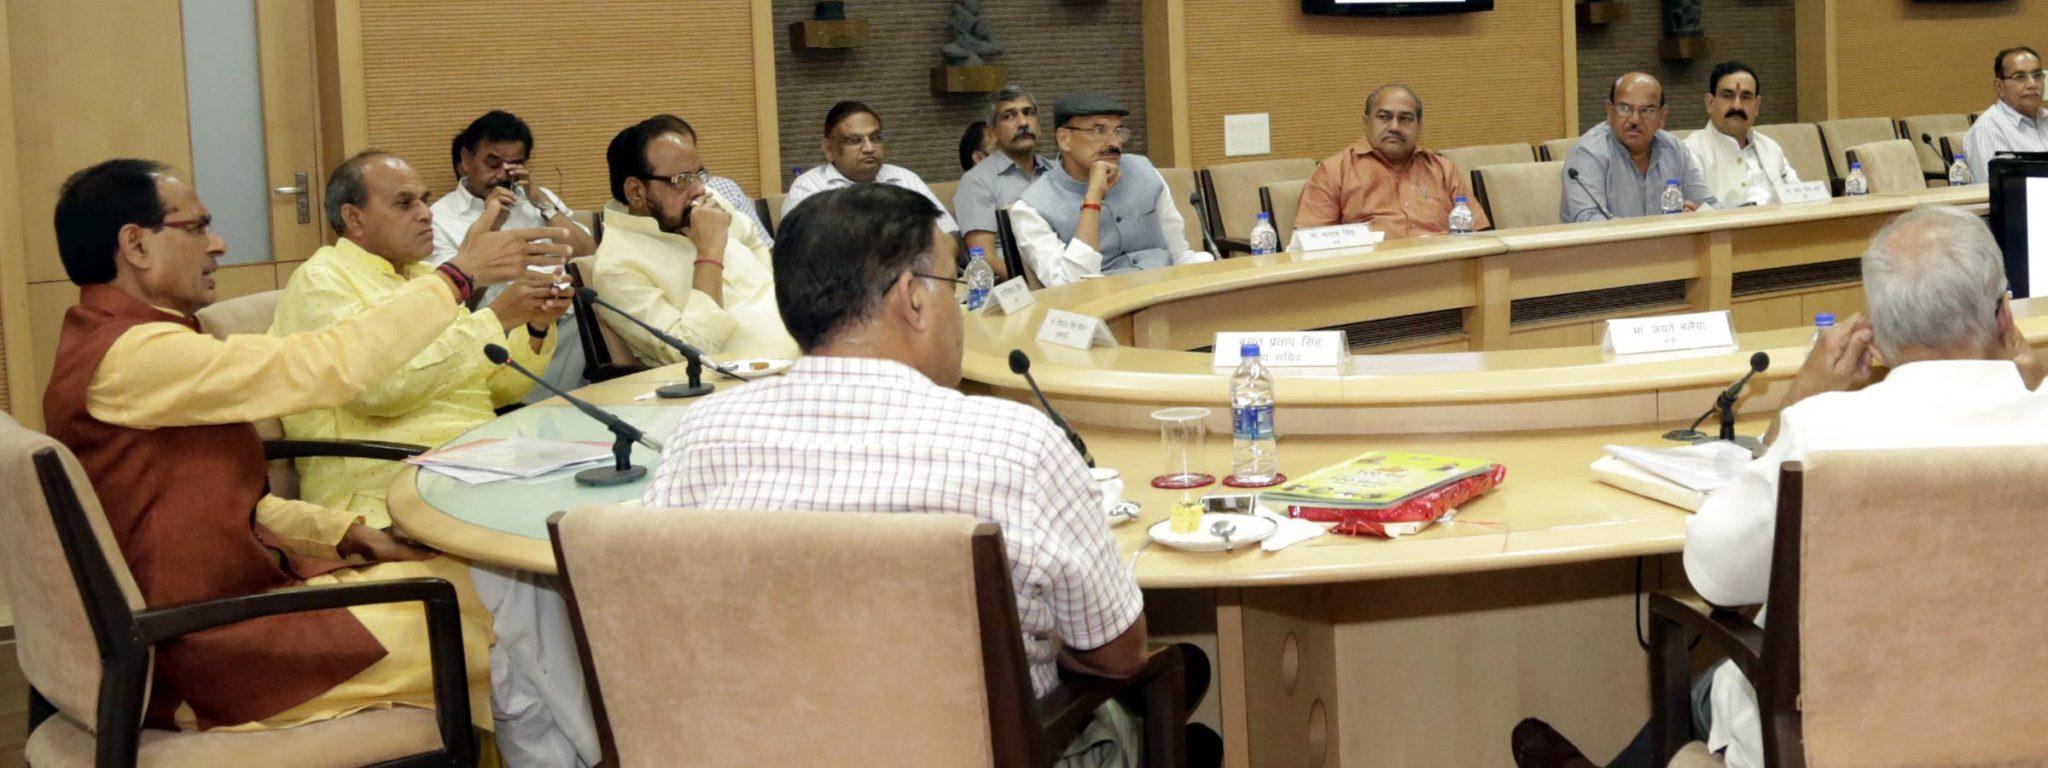 किसानों की आय दोगुना करने के लिये कृषि से जुड़े विभाग चलायेंगे विशेष अभियान